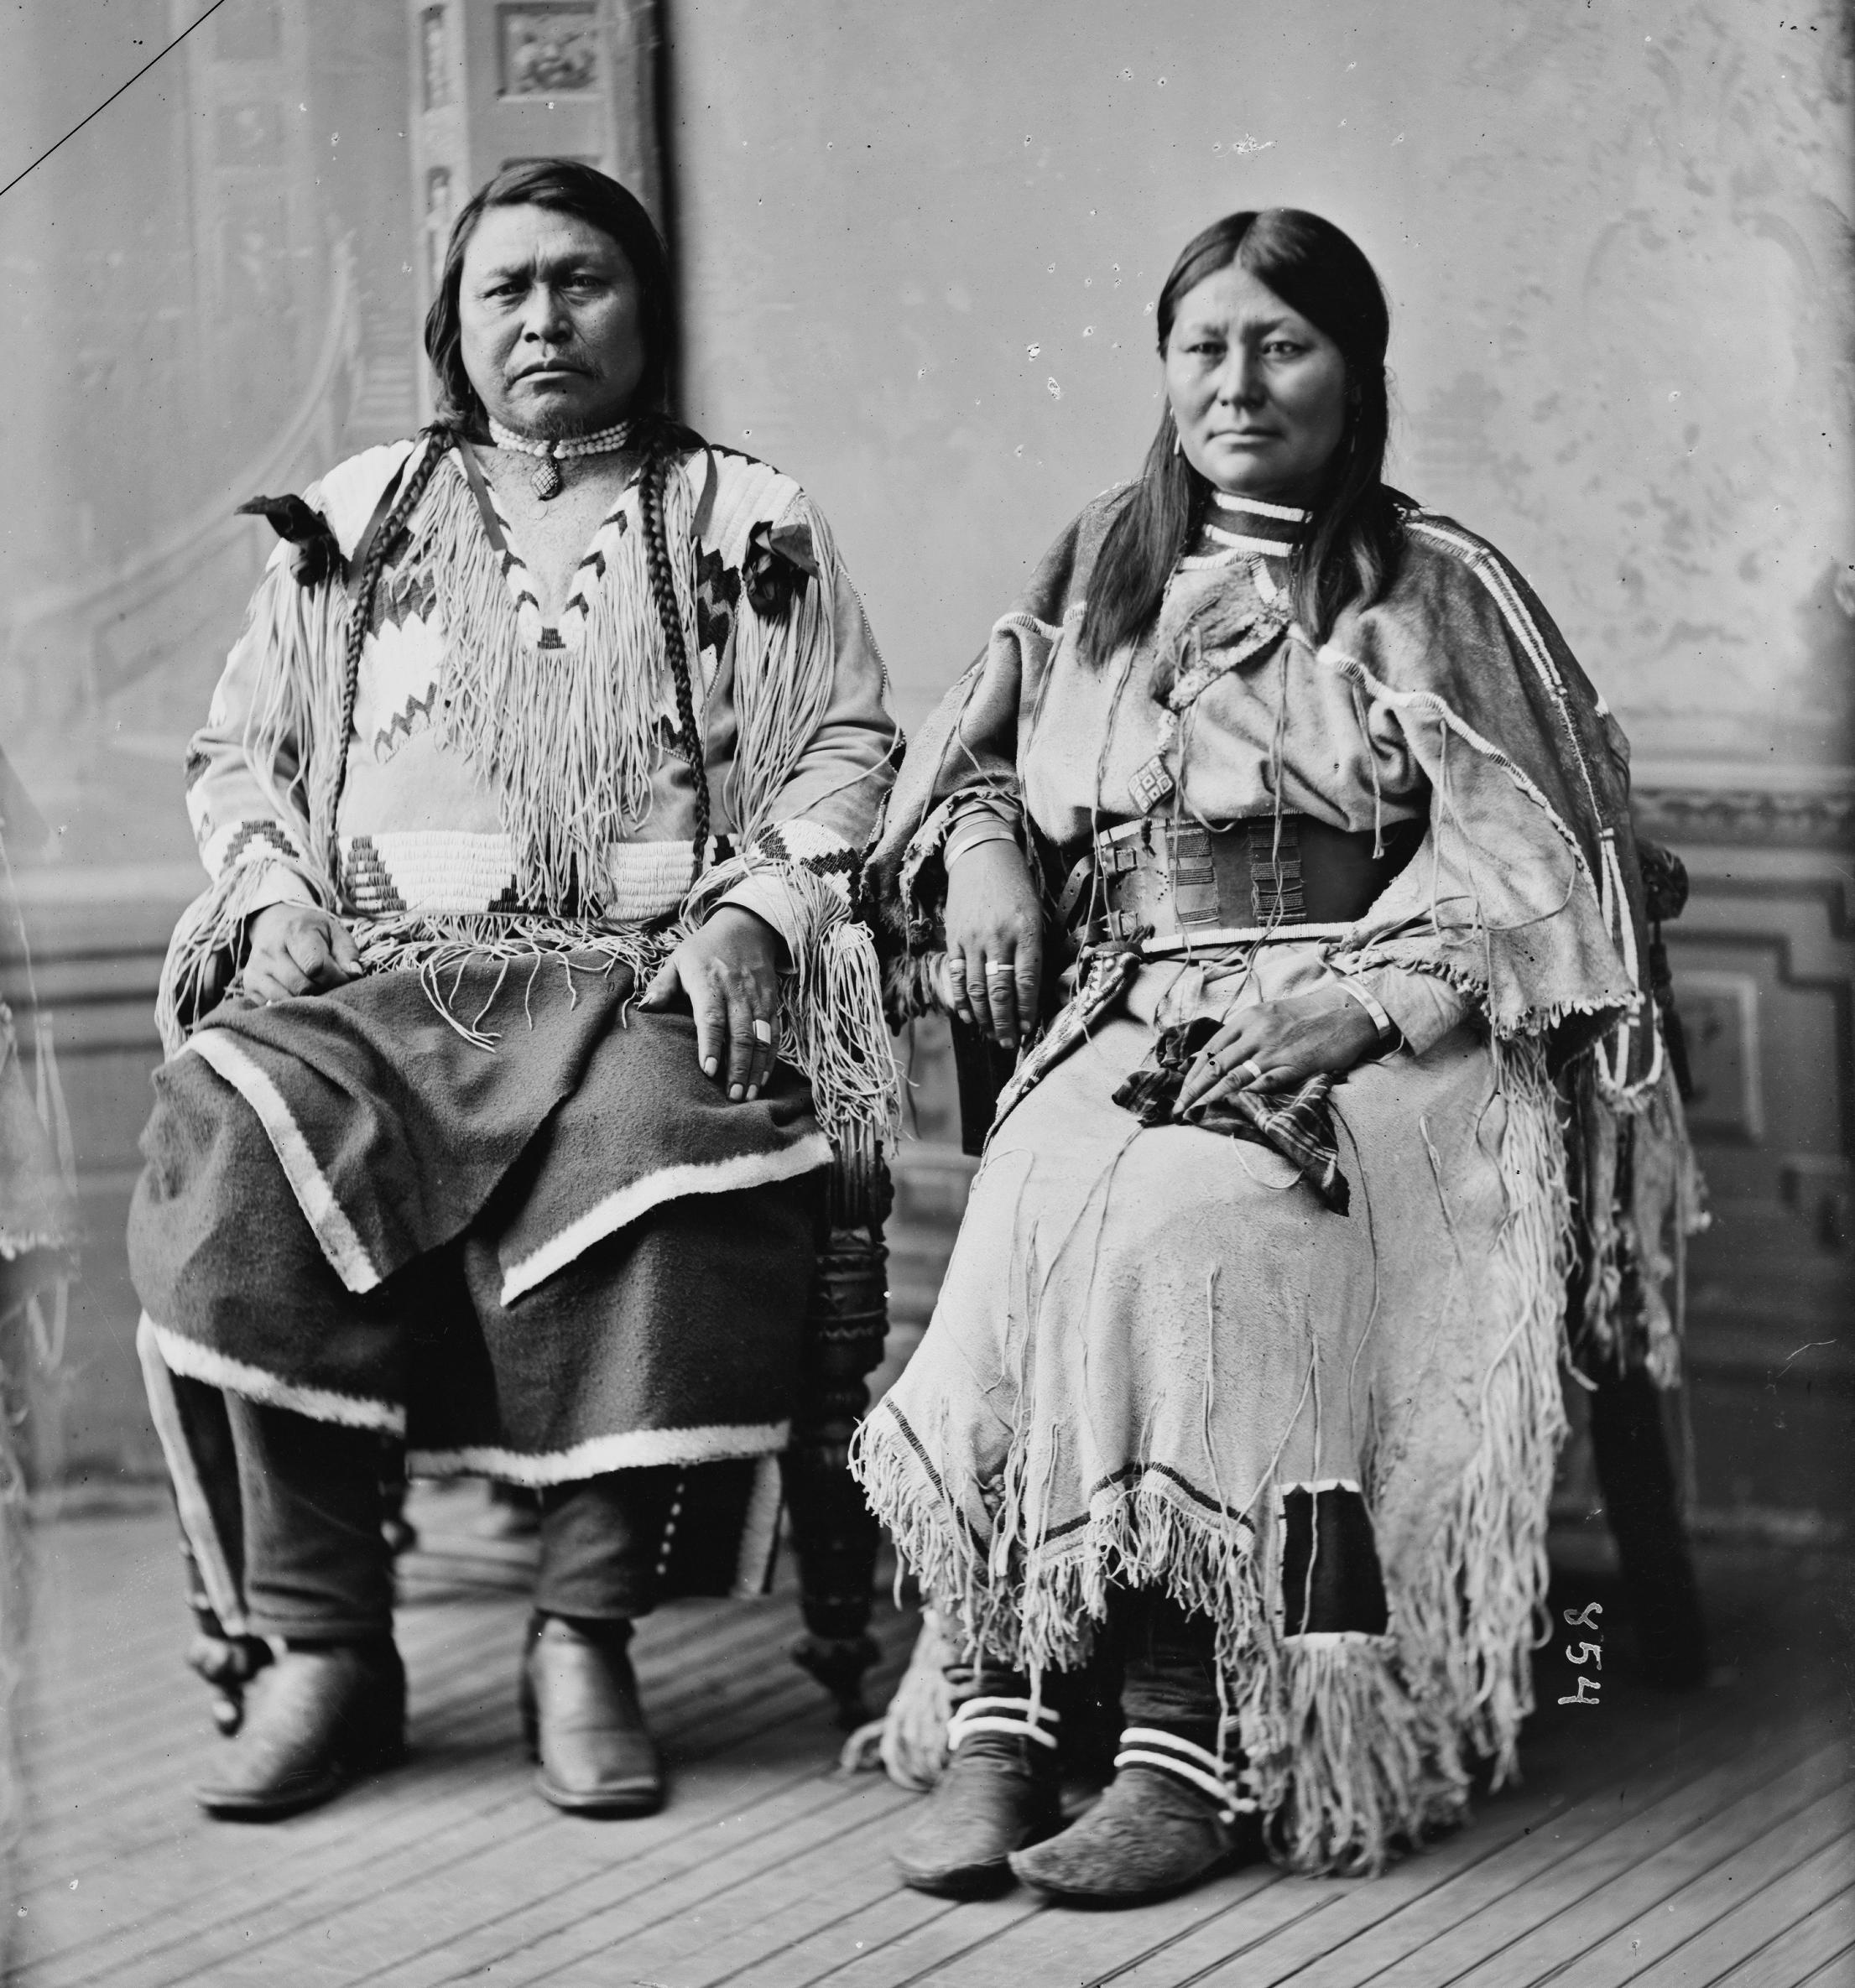 Cette photographie en noir et blanc montre Ouray et Chipeta assis côte à côte, Ouray à gauche et Chipeta à droite. Ils sont tous deux habillés en vêtements traditionnels utes. Chipeta porte une jupe à perles qu'elle a réalisée elle-même.